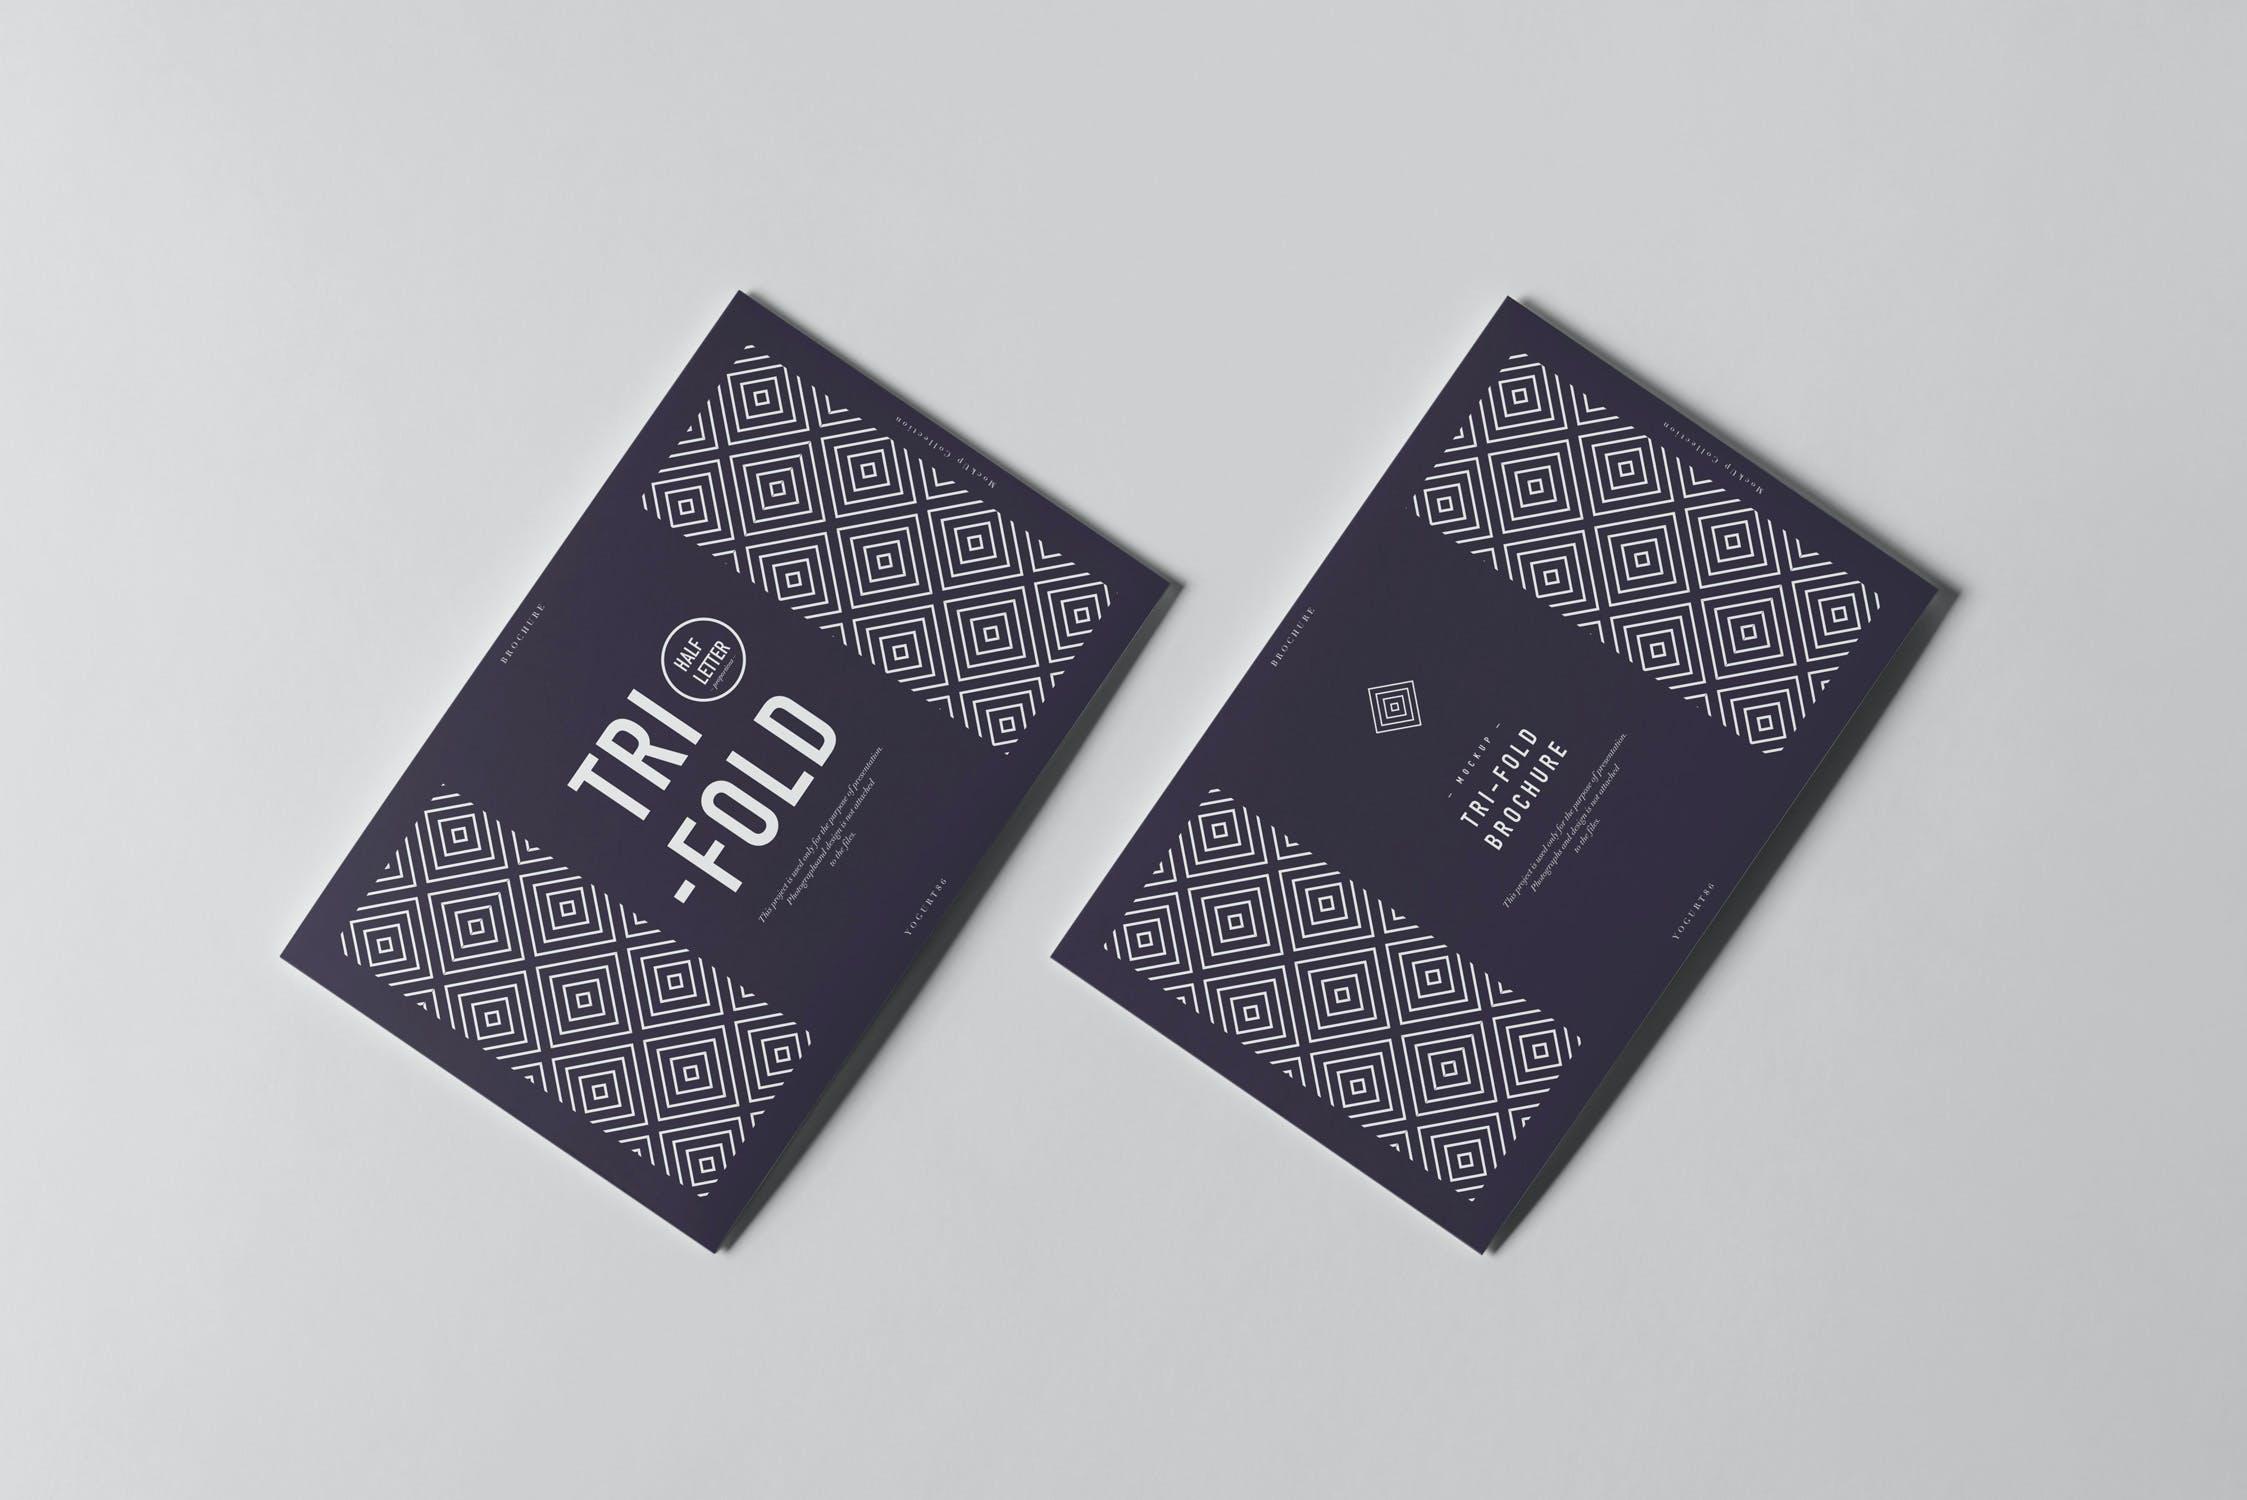 9款横版三折页小册子设计展示样机模板 Tri-Fold Half Letter Horizontal Brochure Mockup插图(7)